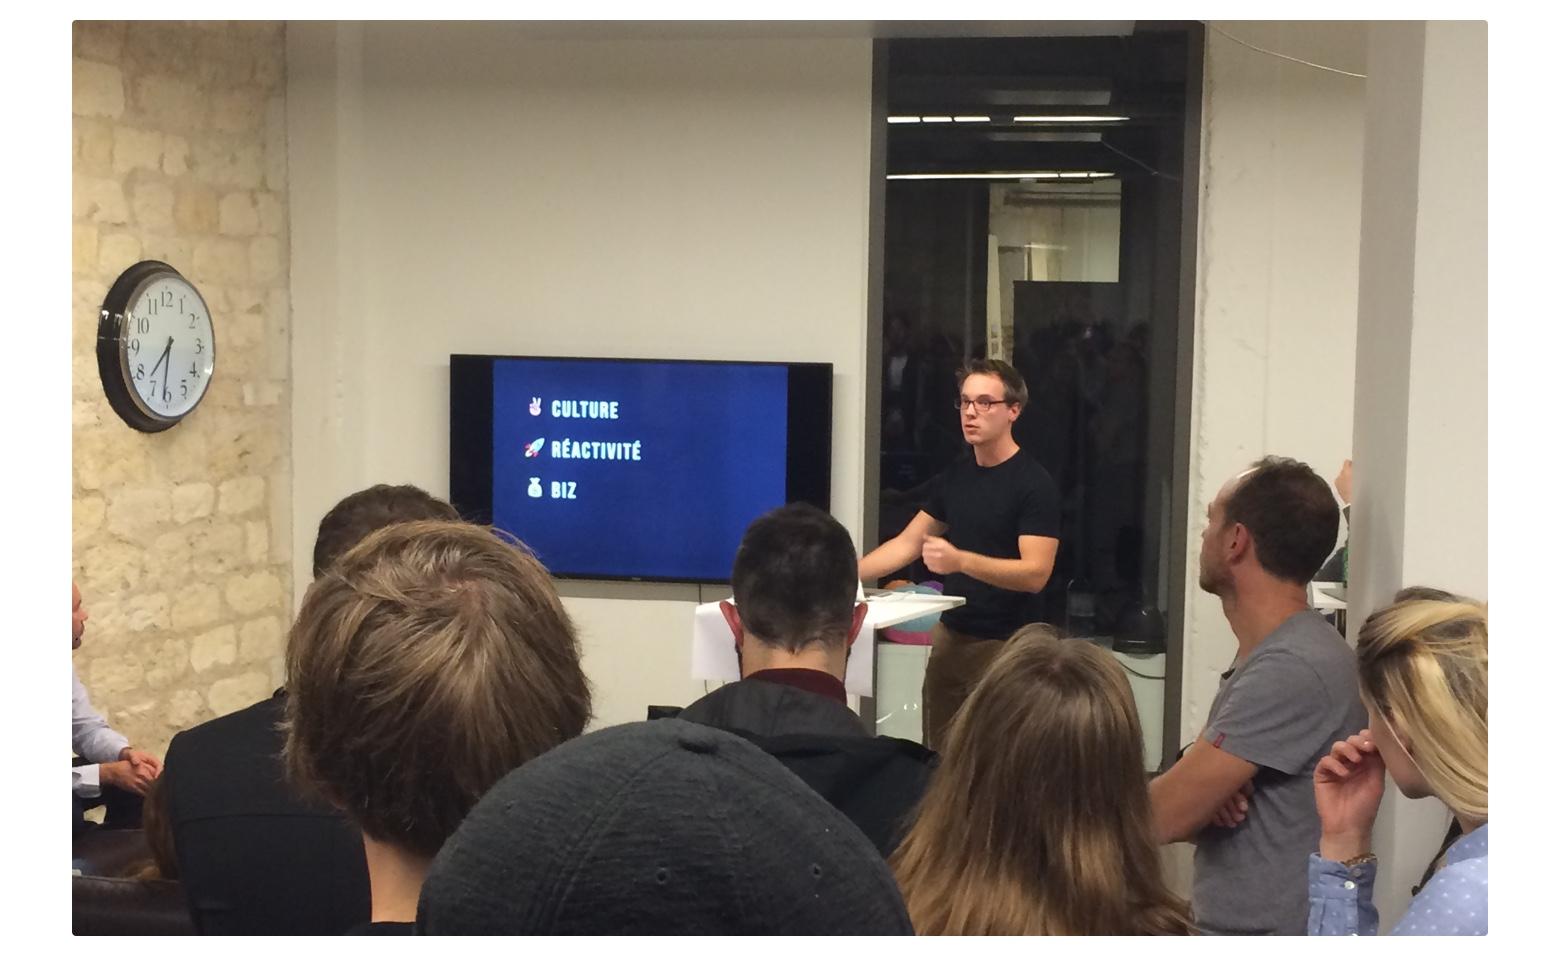 Luc Chaissac, notre lead designer a présenté ce à quoi le travail de l'équipe Design consiste au sein d'Azendoo.